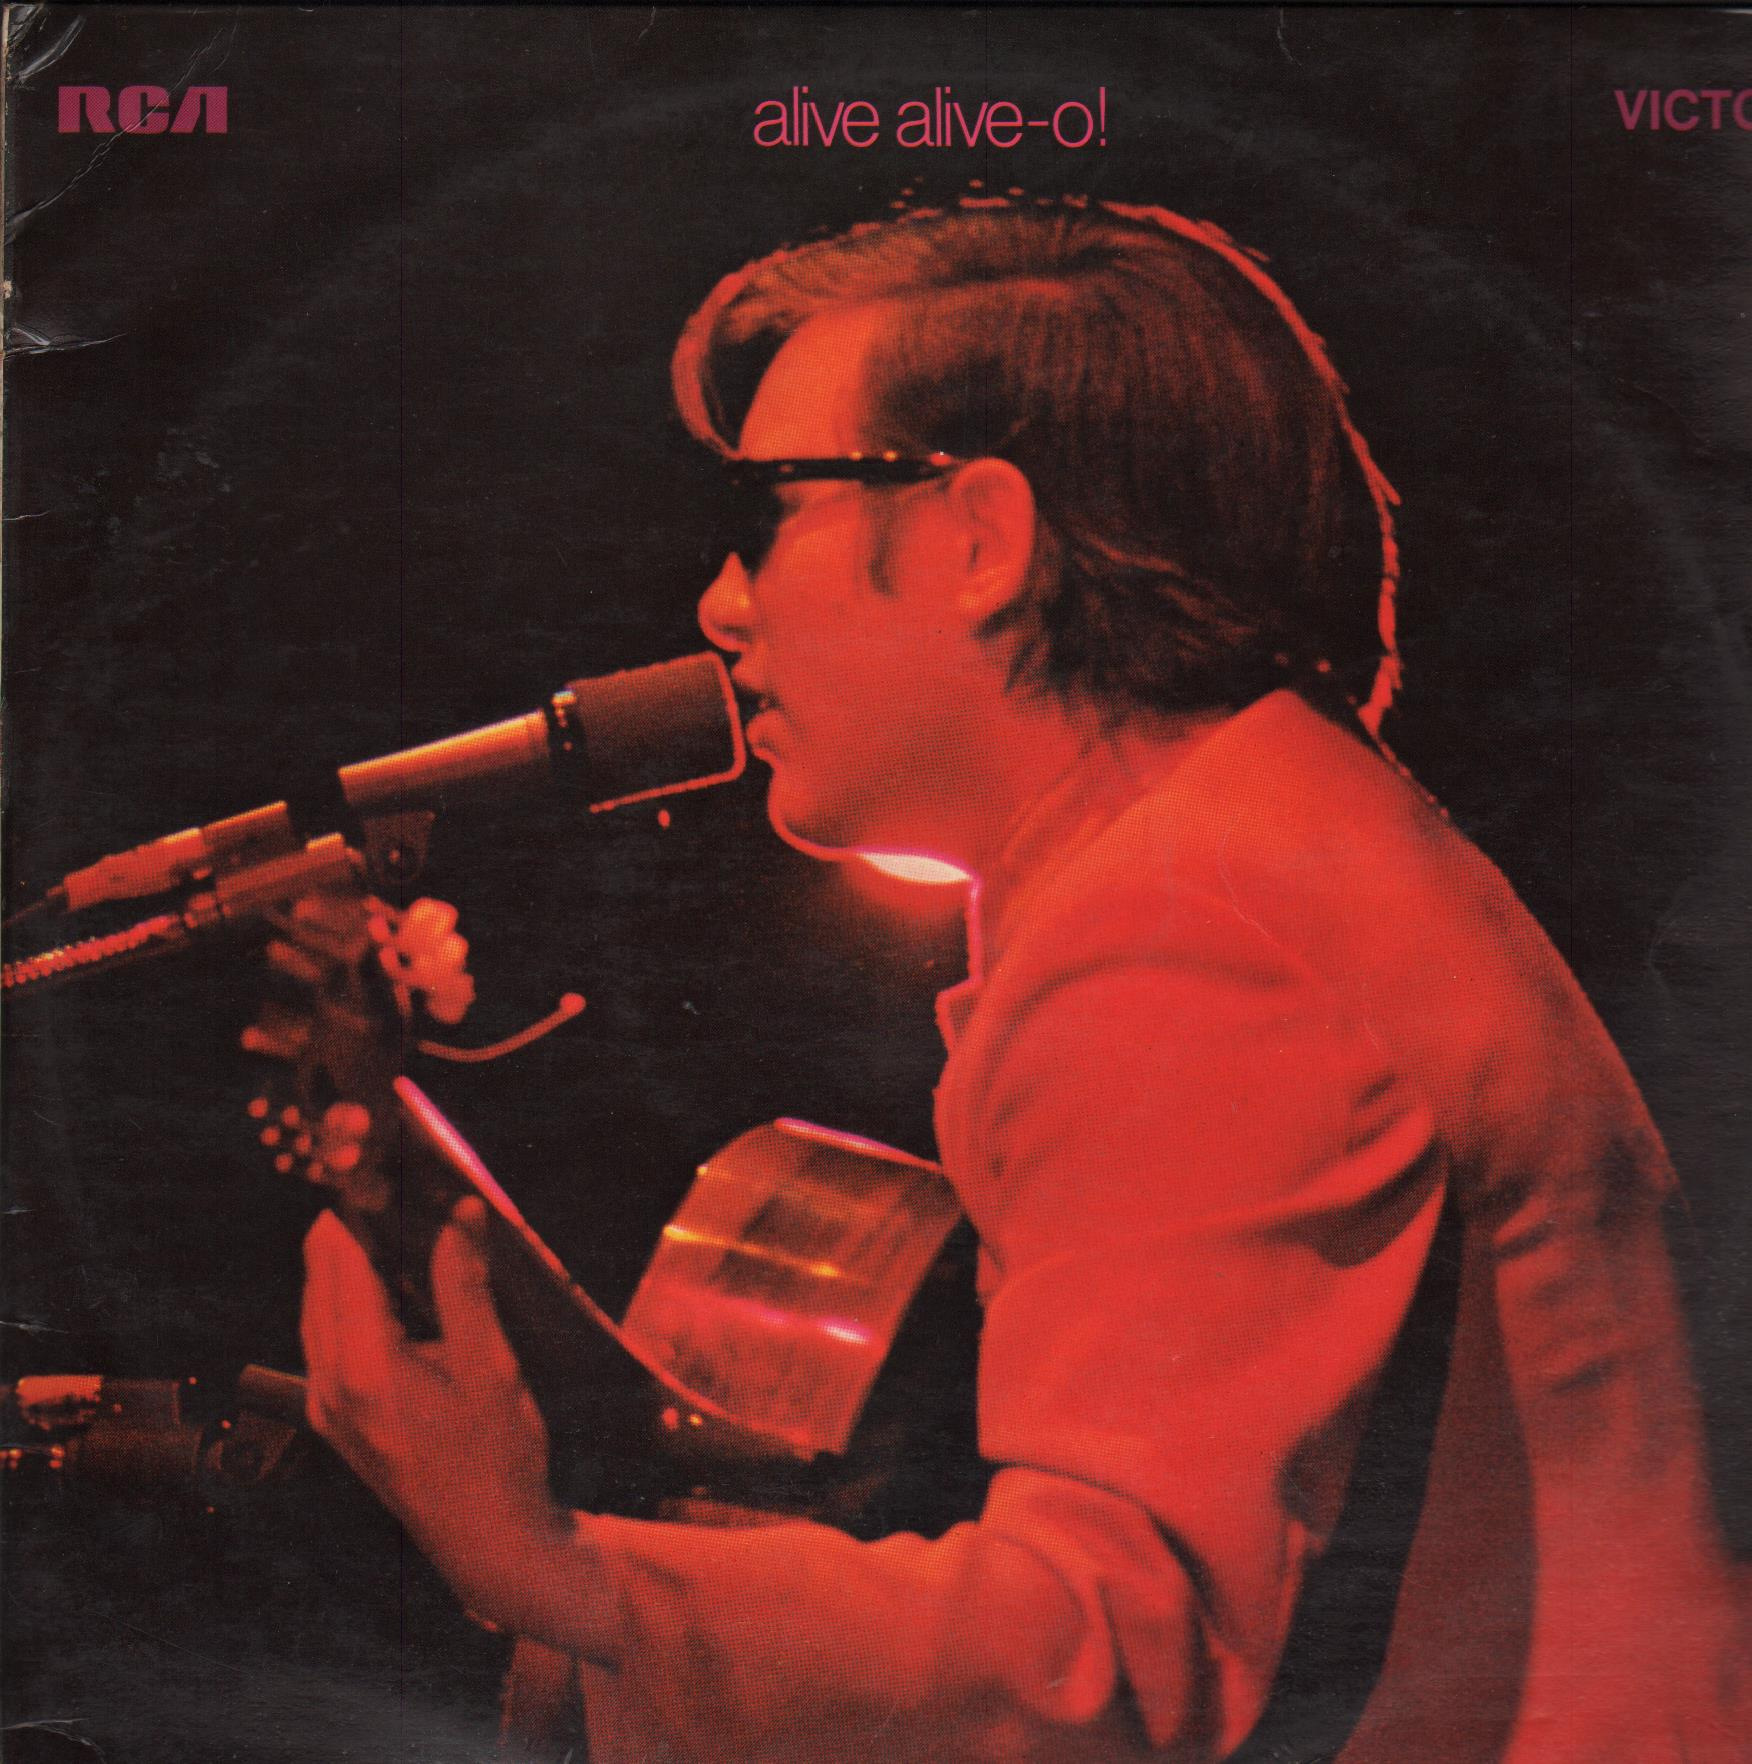 Feliciano, Jose Alive Alive-o! Vinyl